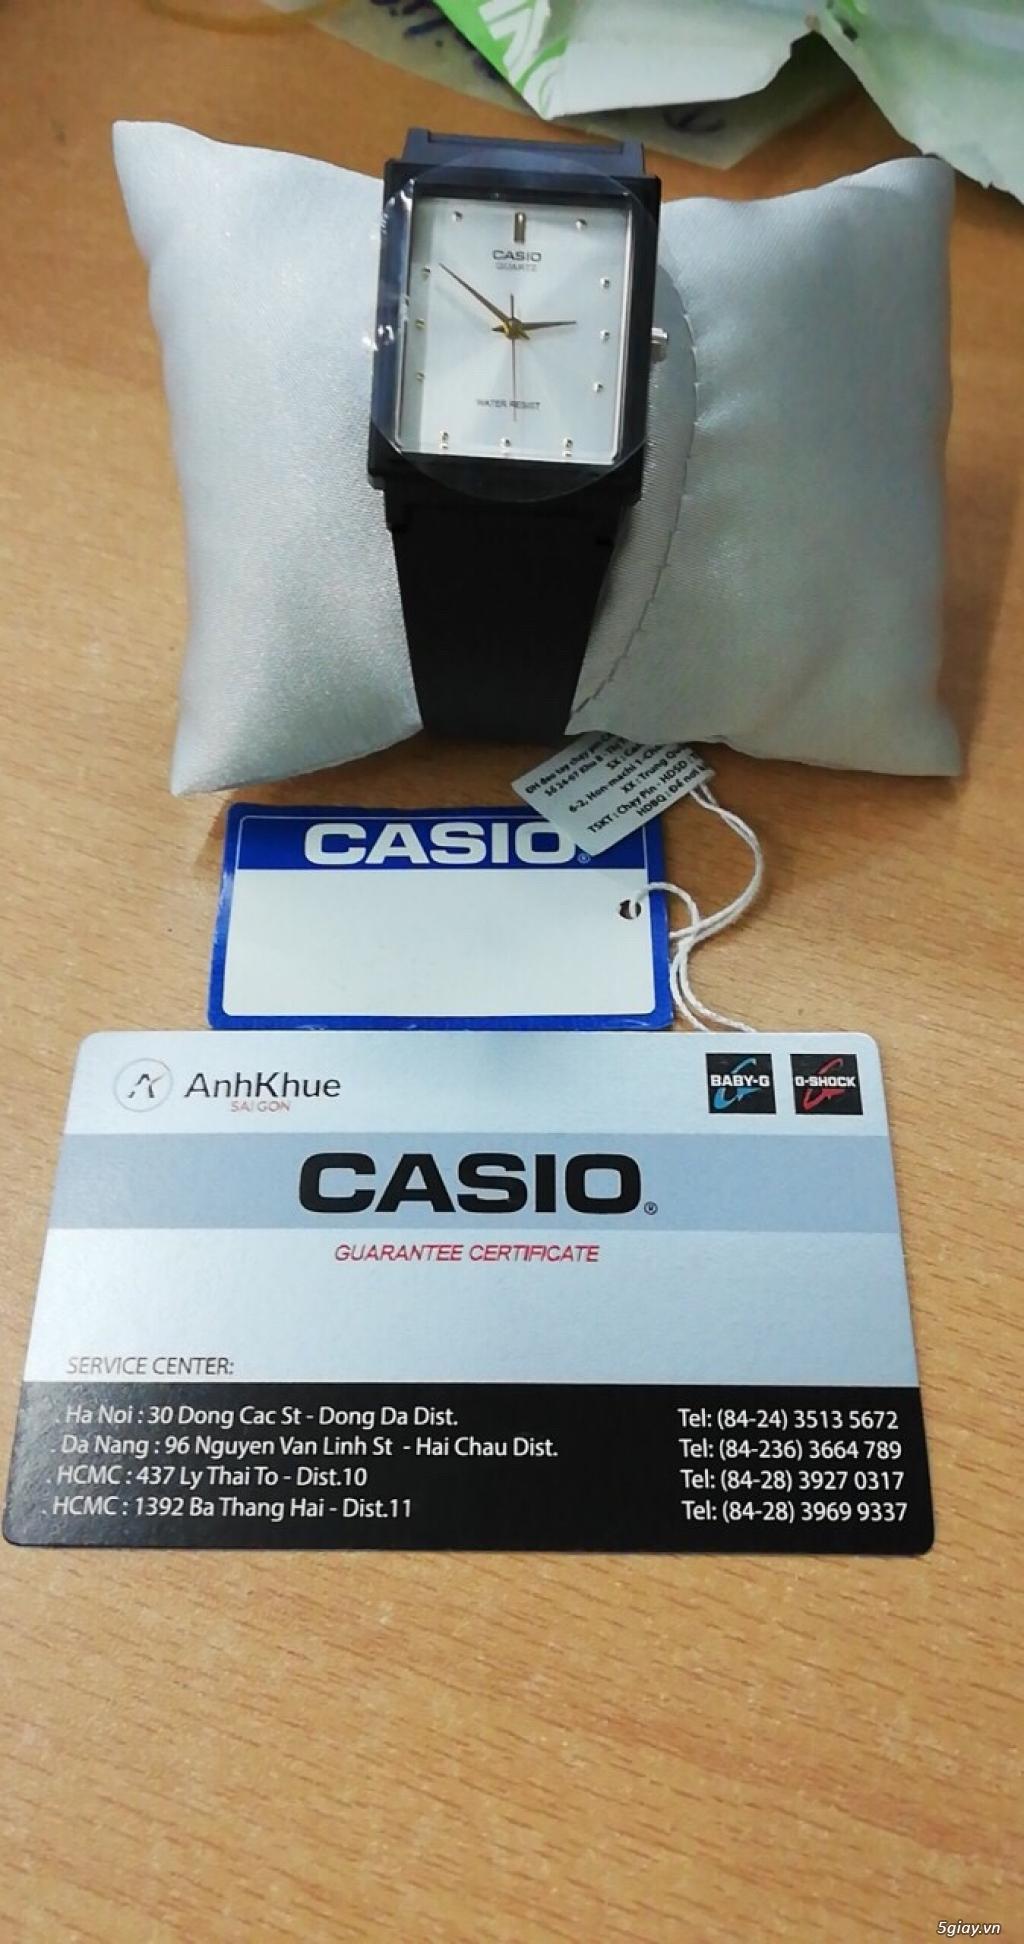 Đồng hồ Casio MQ-38-7A chính hãng, mới 100% End: 23h 03/10/19 - 1